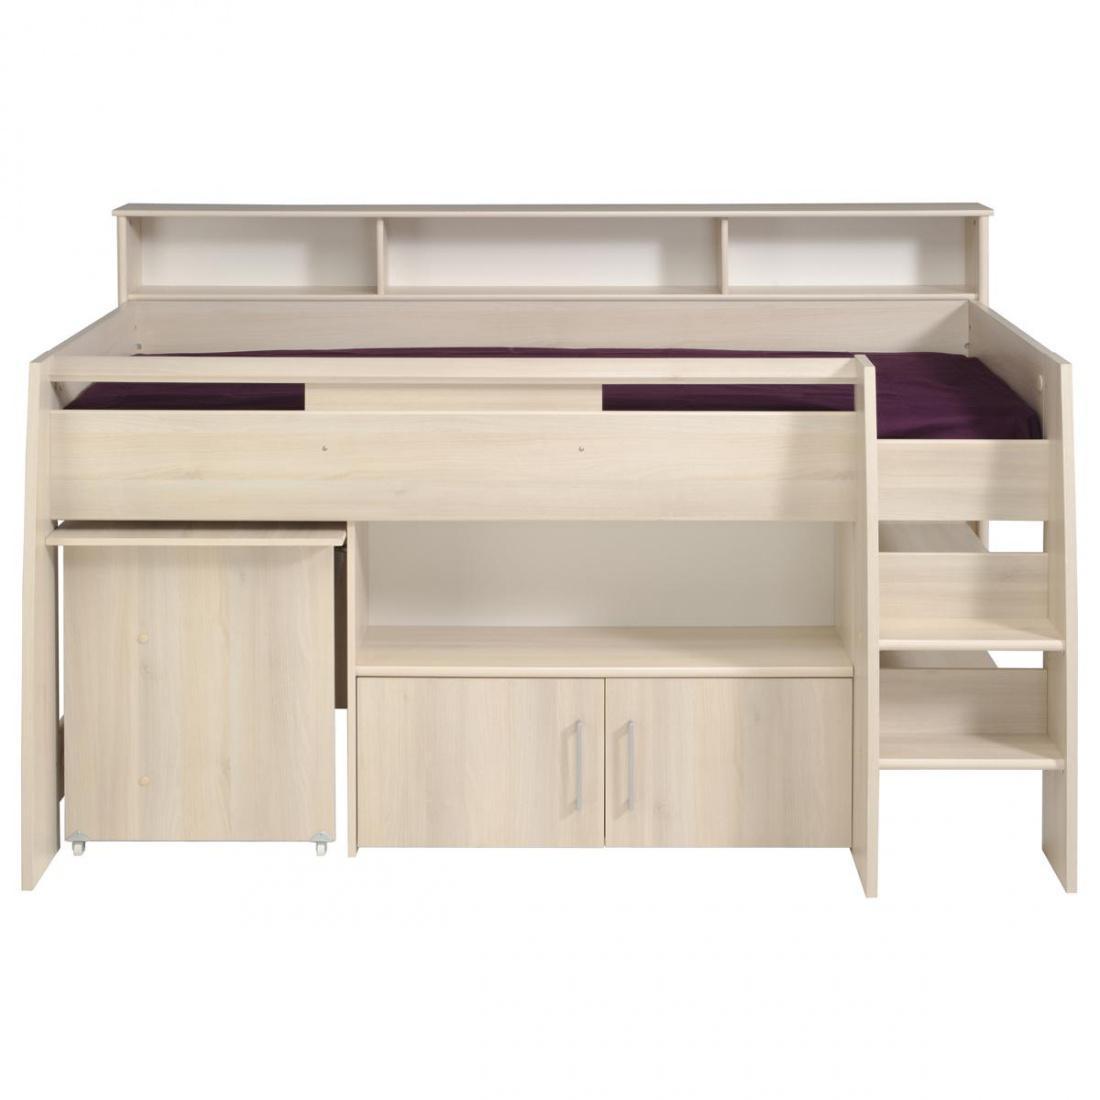 kinderhochbett tesso akazie inkl schreibtisch kaufen bei m bel lux. Black Bedroom Furniture Sets. Home Design Ideas